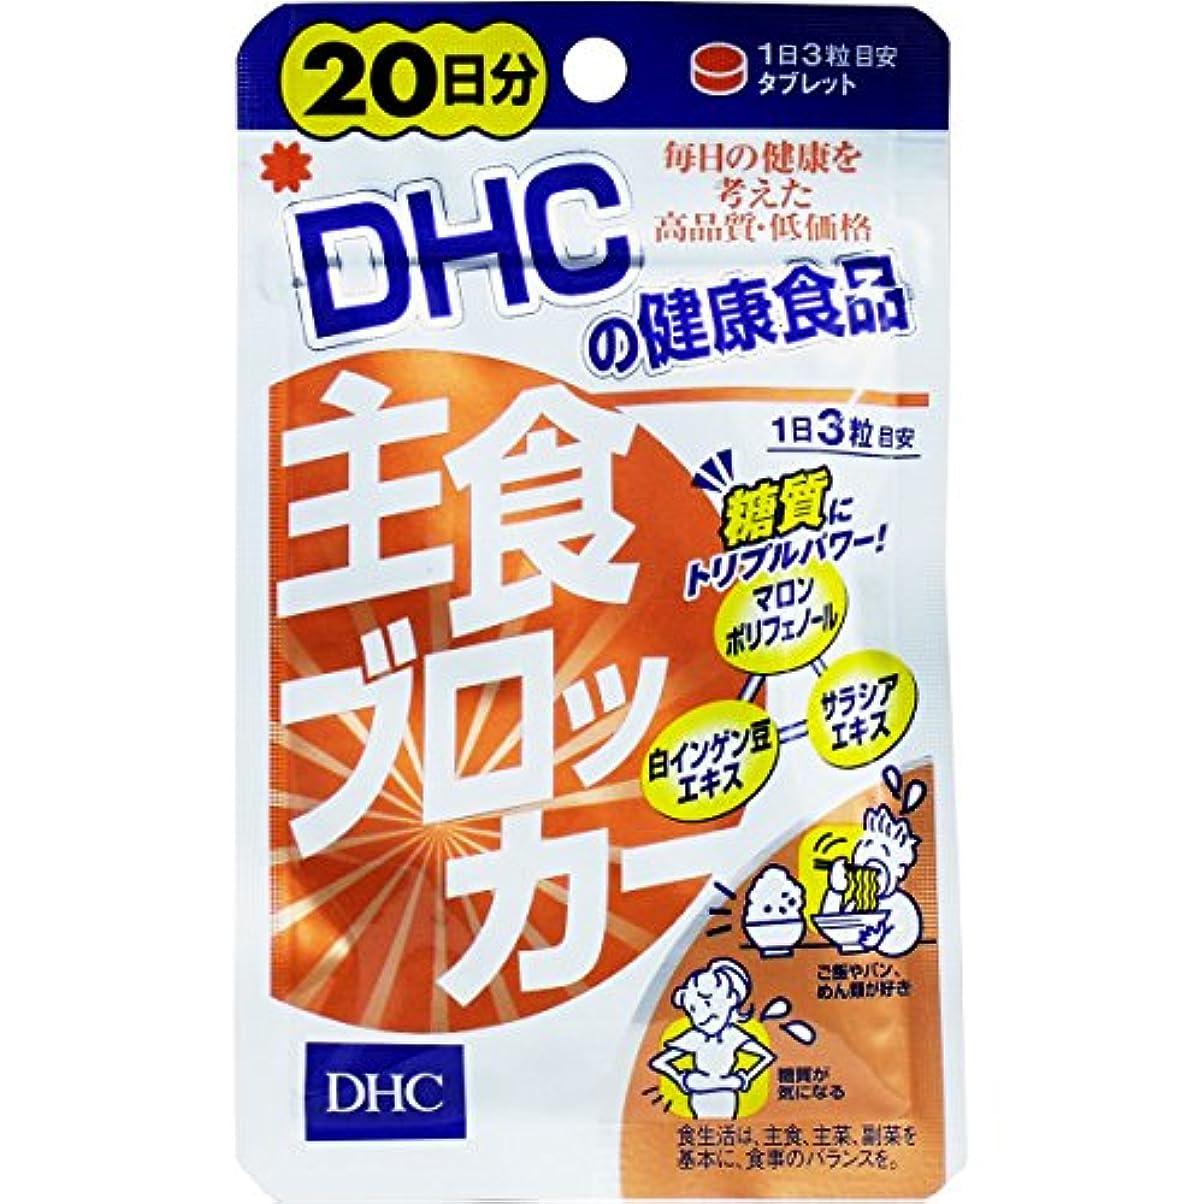 押す司令官アルコーブダイエット トリプルパワーでため込み対策 栄養機能食品 DHC 主食ブロッカー 20日分 60粒入【3個セット】